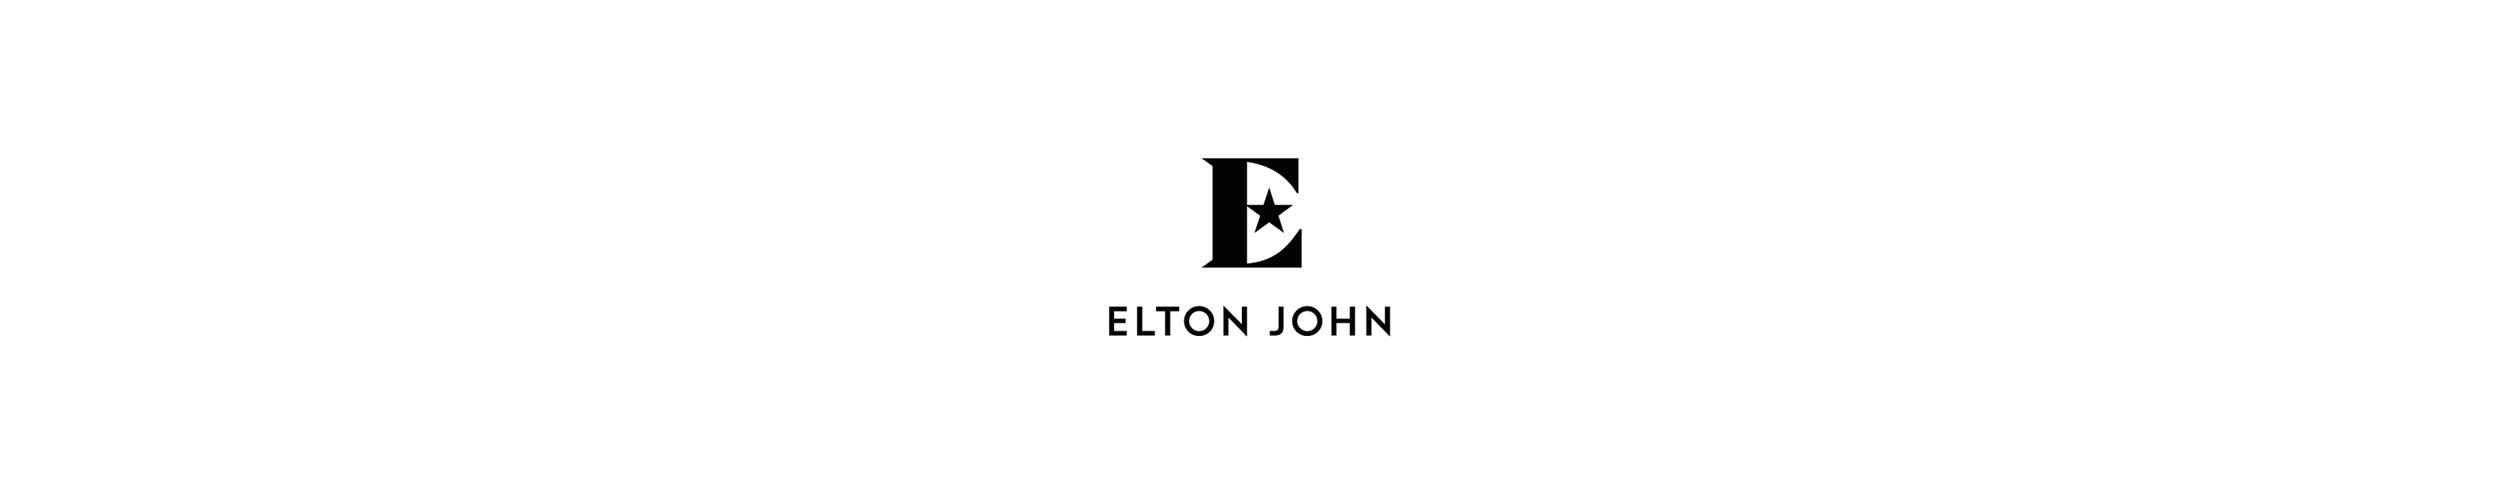 Elton.png